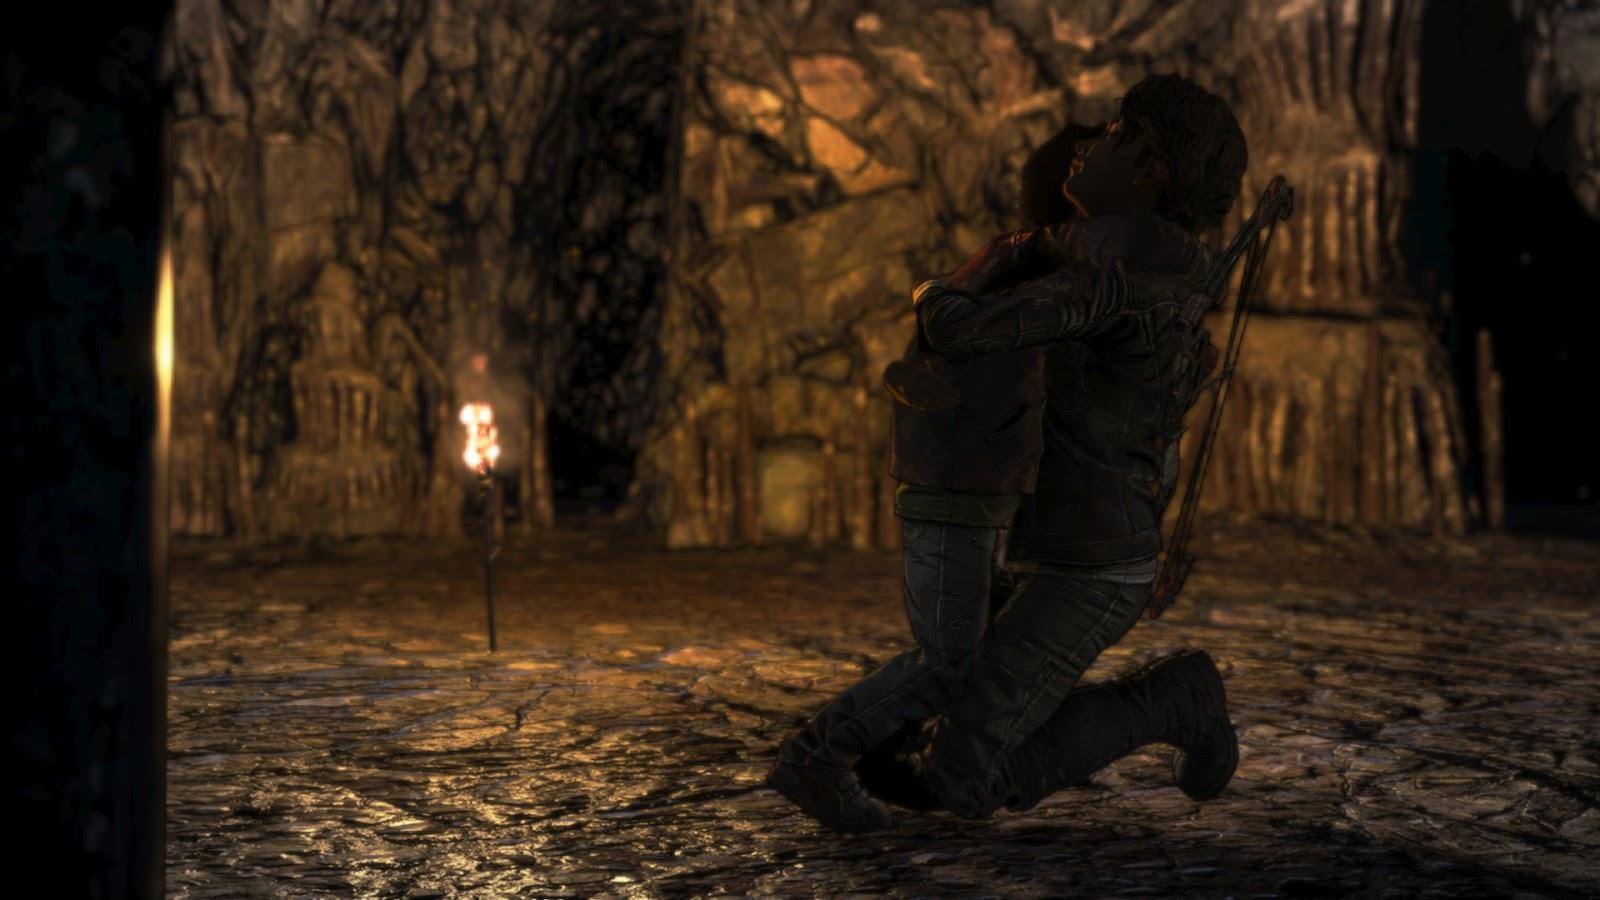 Clem és AJ szorosan átölelik egymást egy barlangban, egy földbe szúrt fáklya fényénél.